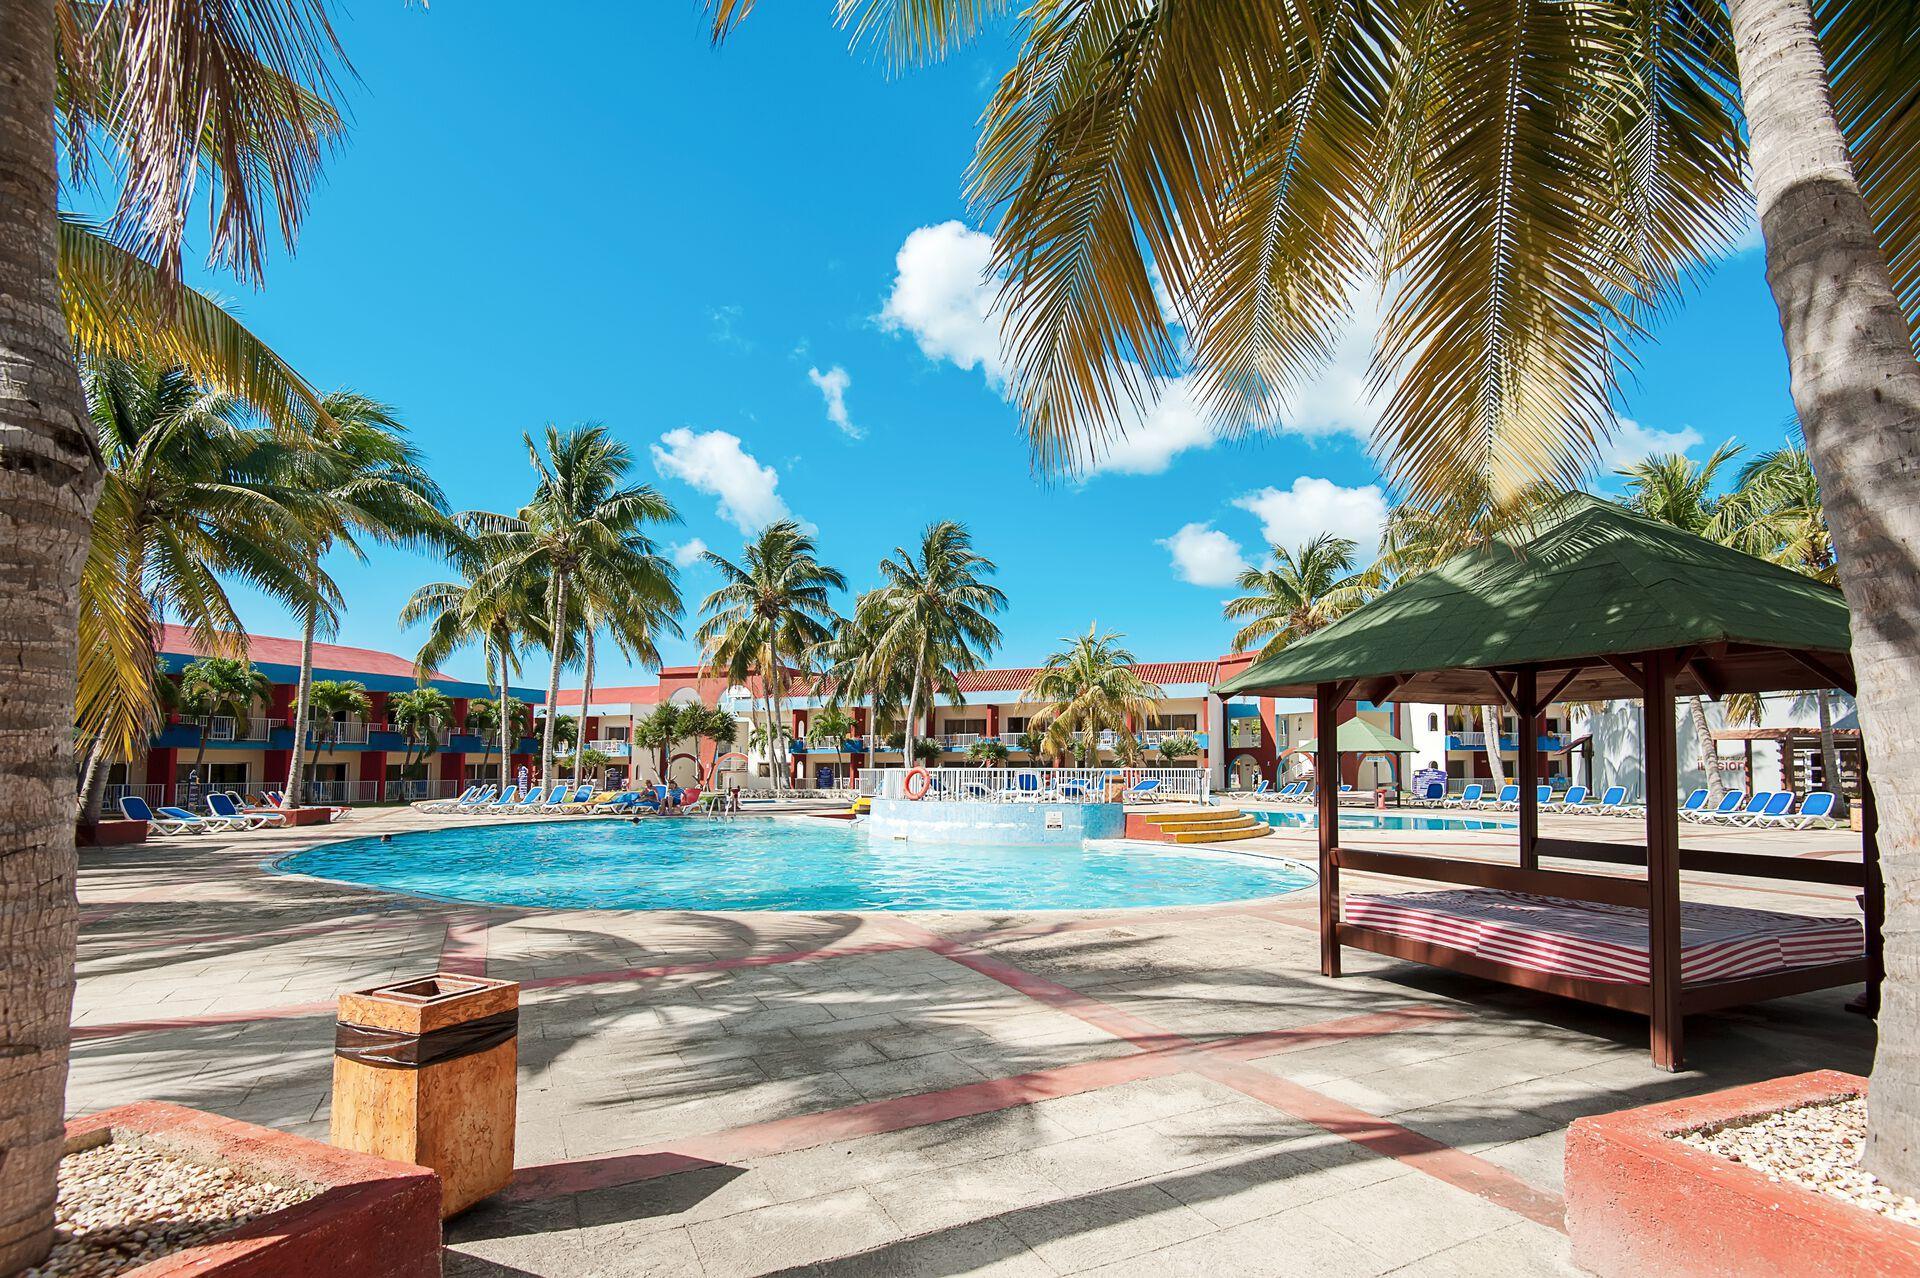 Brisas del Caribe - 4*